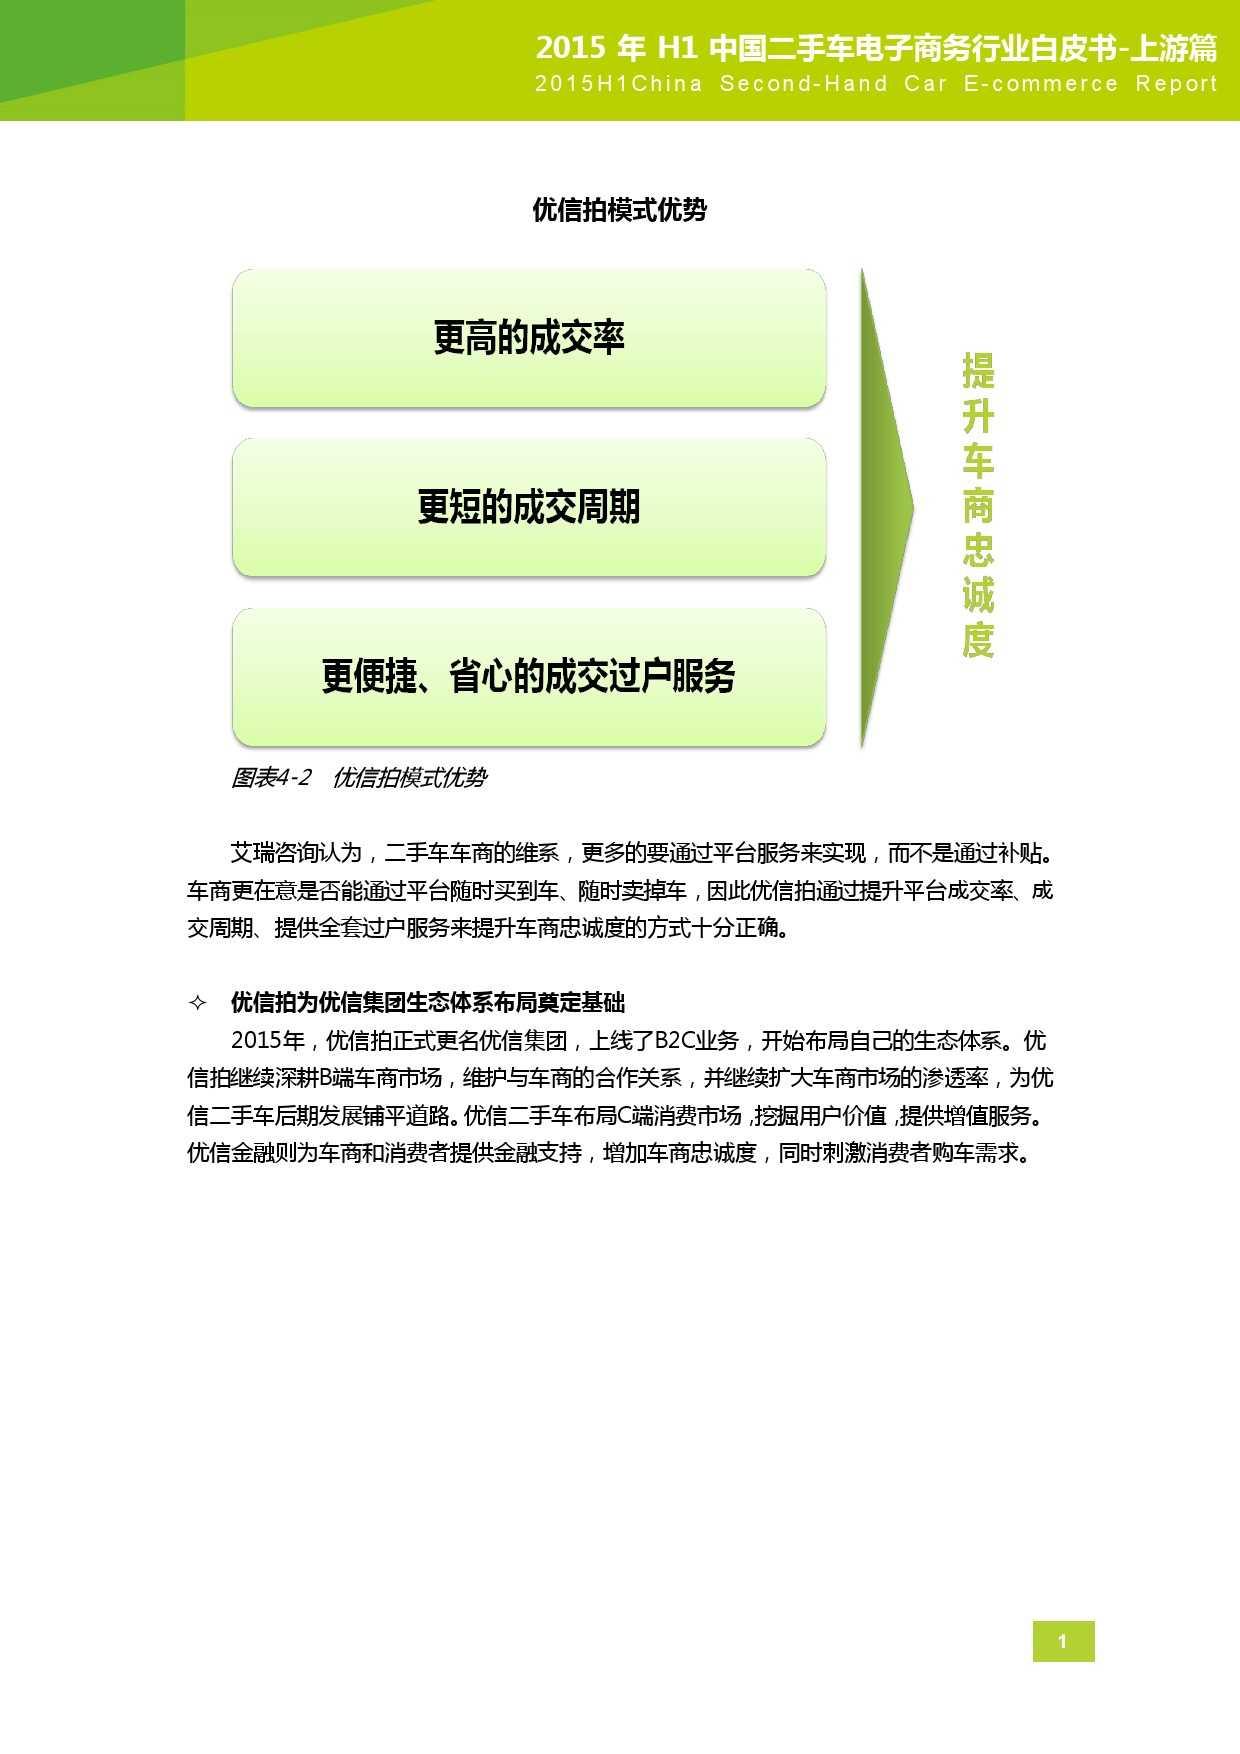 2015年中国二手车电子商务行业白皮书-上游篇_000039